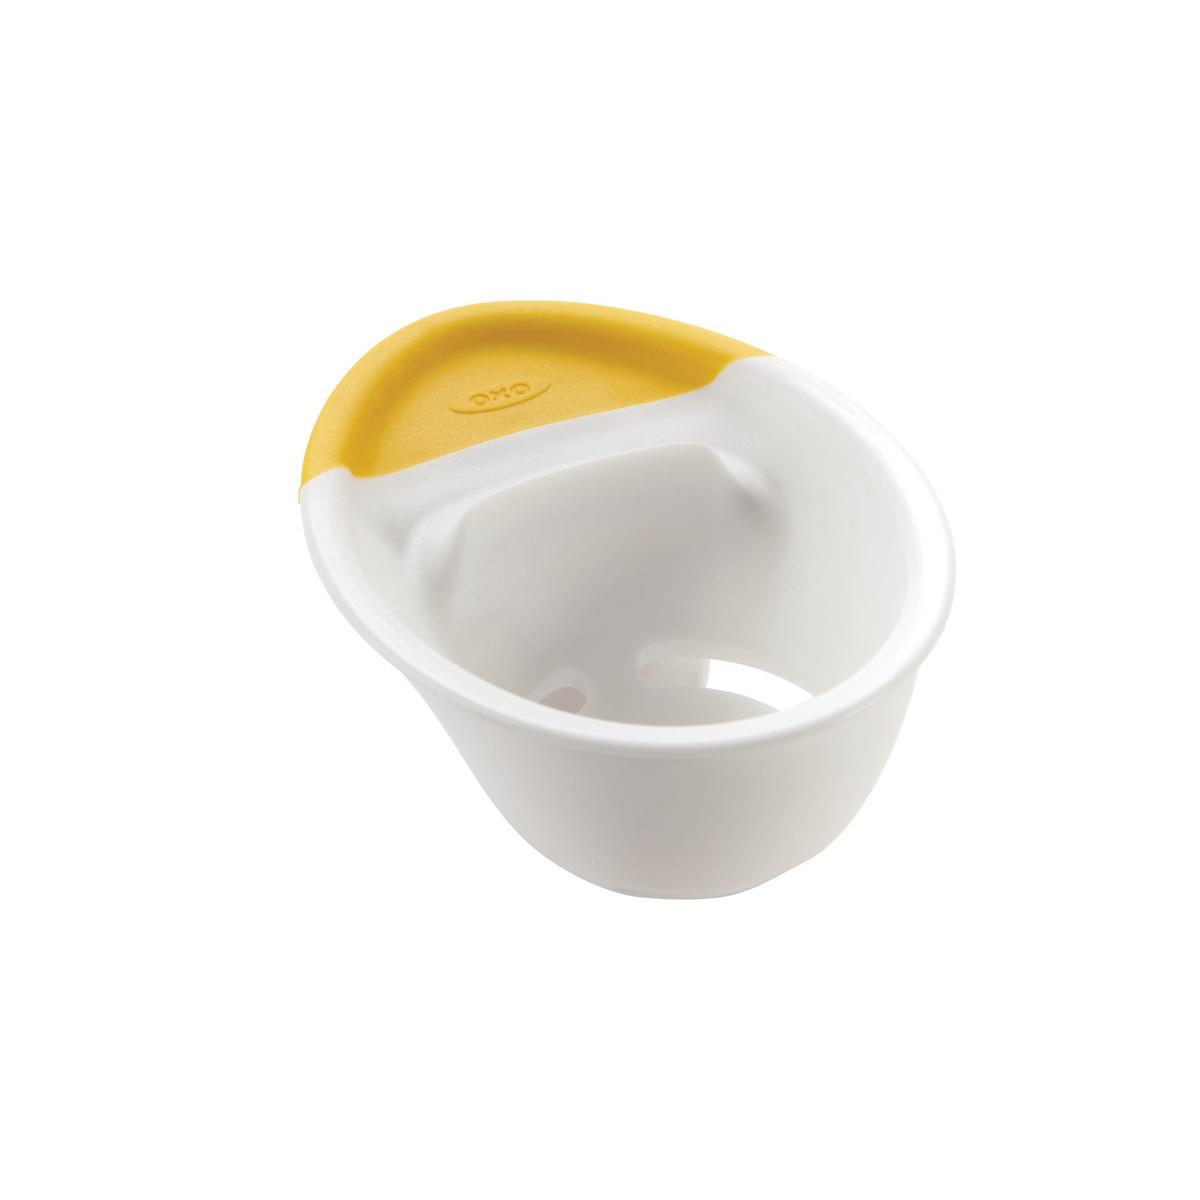 Сепаратор для яиц OXO COOKING UTENSILS, 4х12х22 см, белый OXO 1147780 фото 0